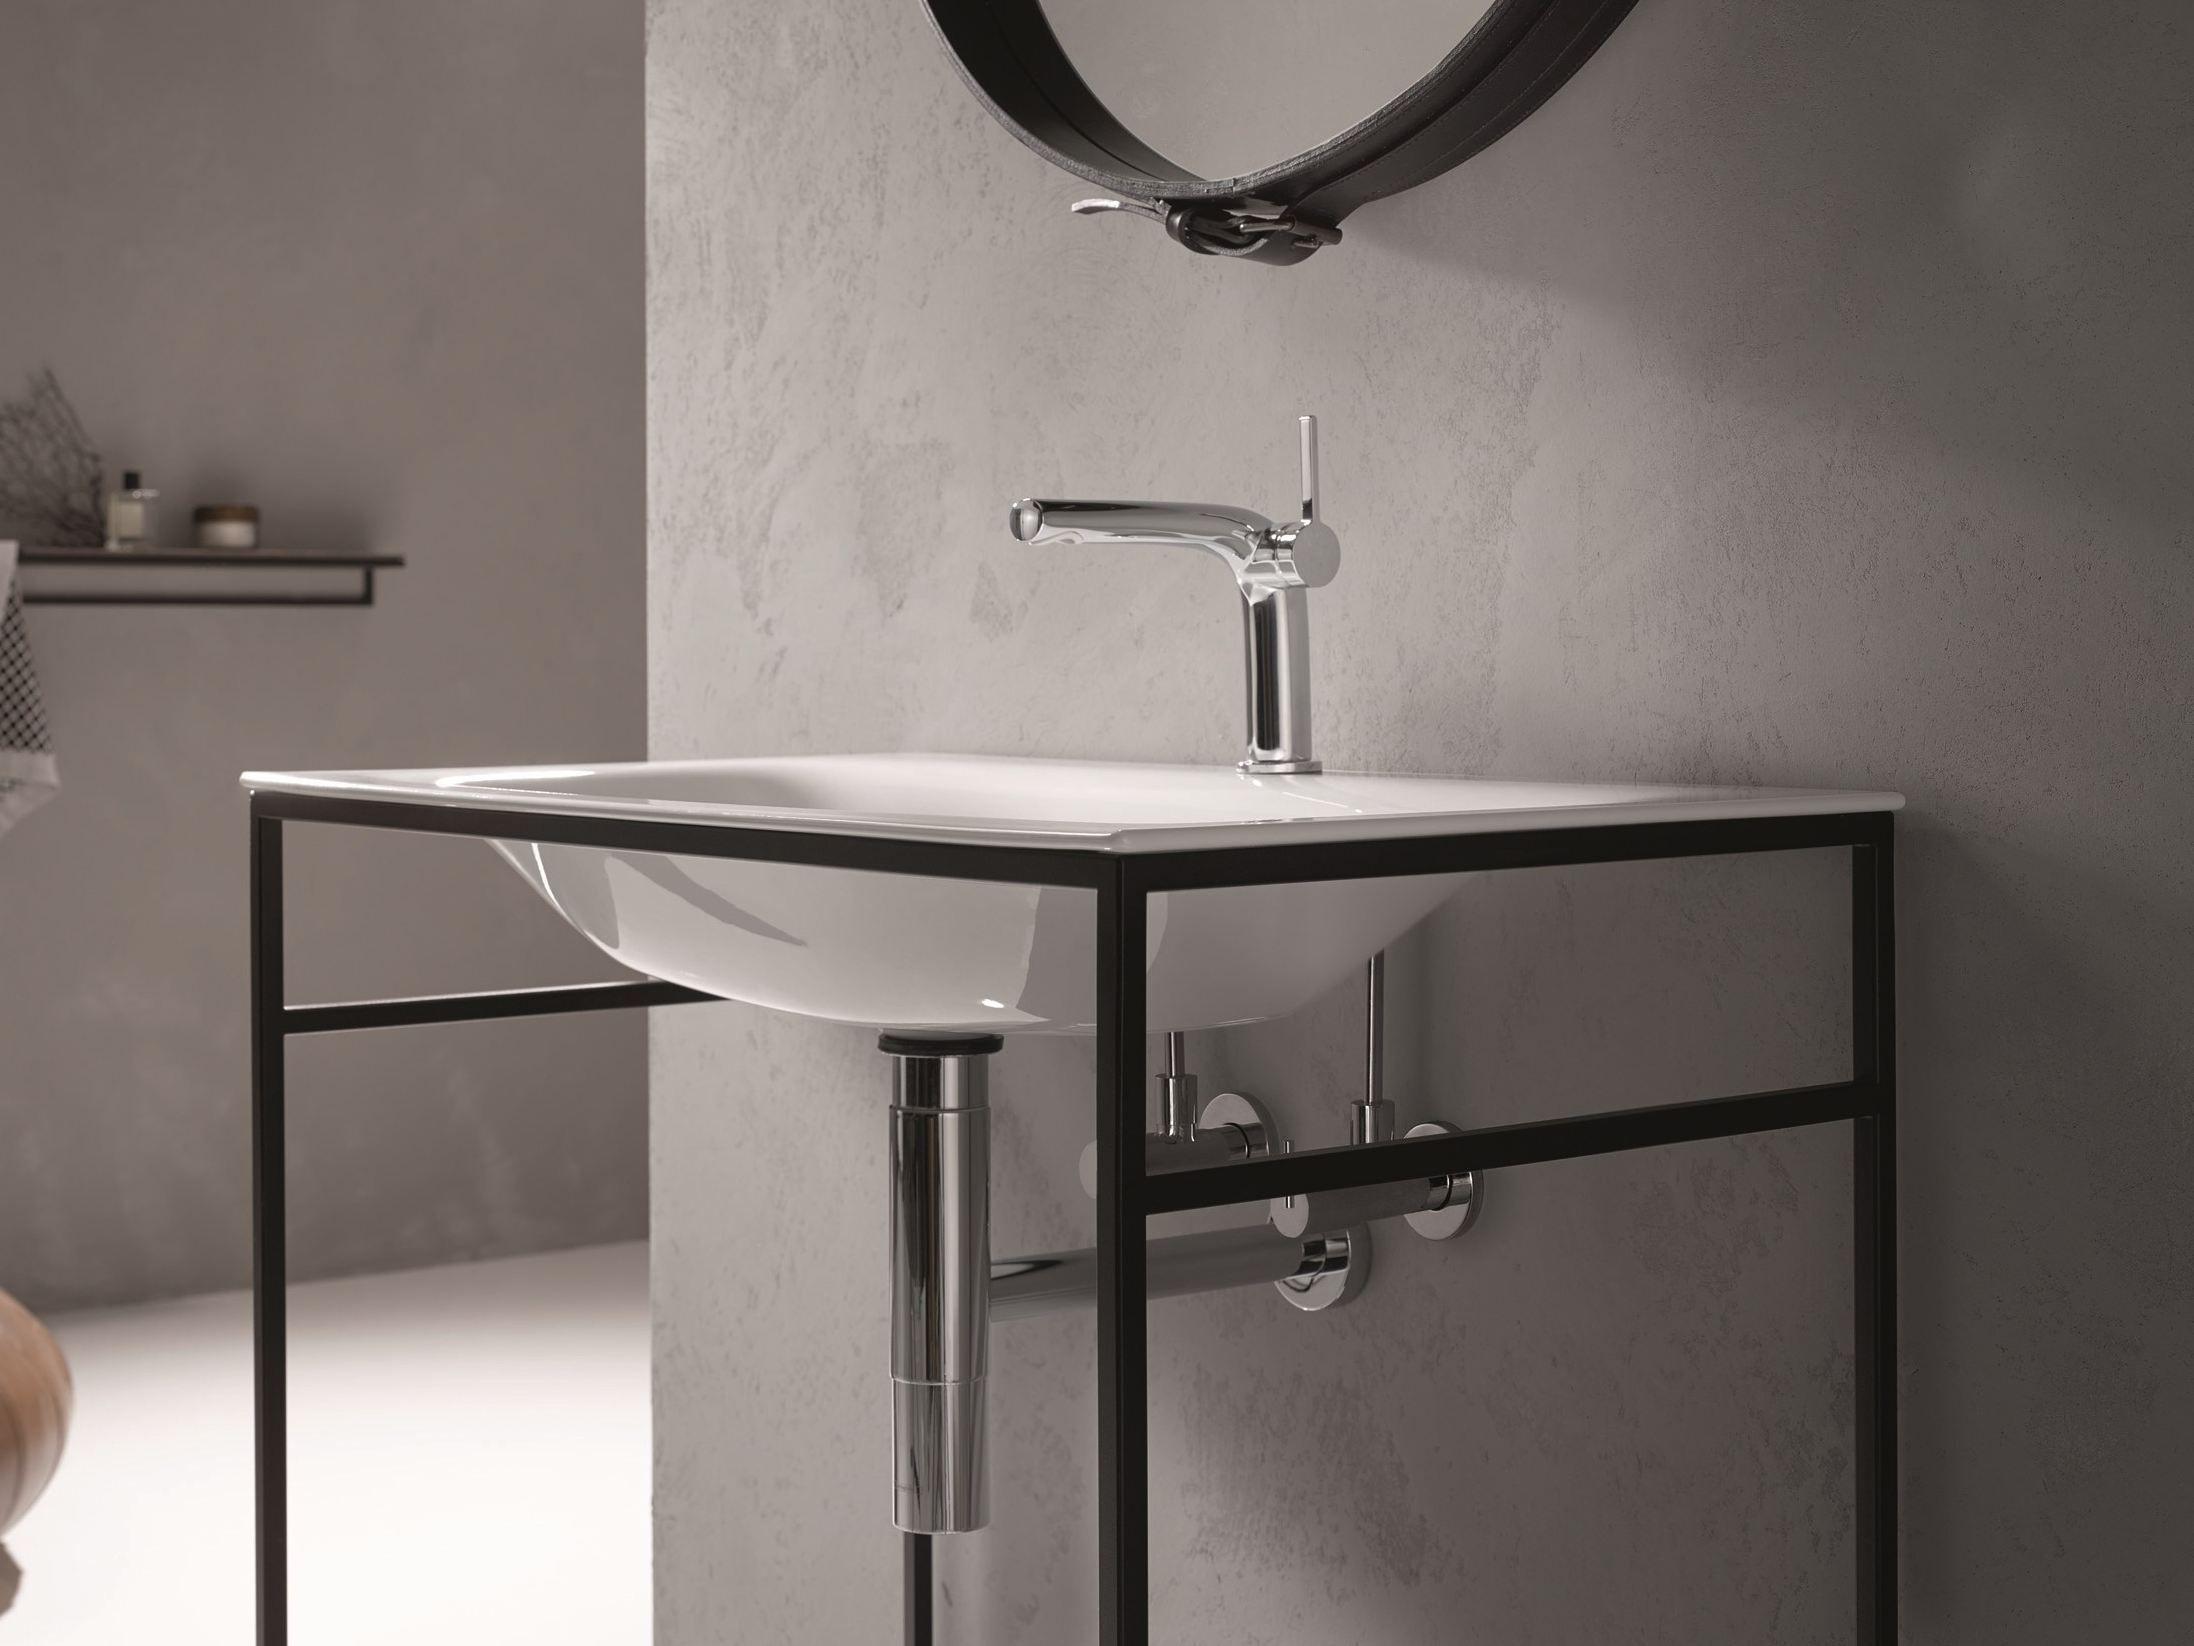 rechteckiges einzel waschbecken aus emailliertem stahl. Black Bedroom Furniture Sets. Home Design Ideas